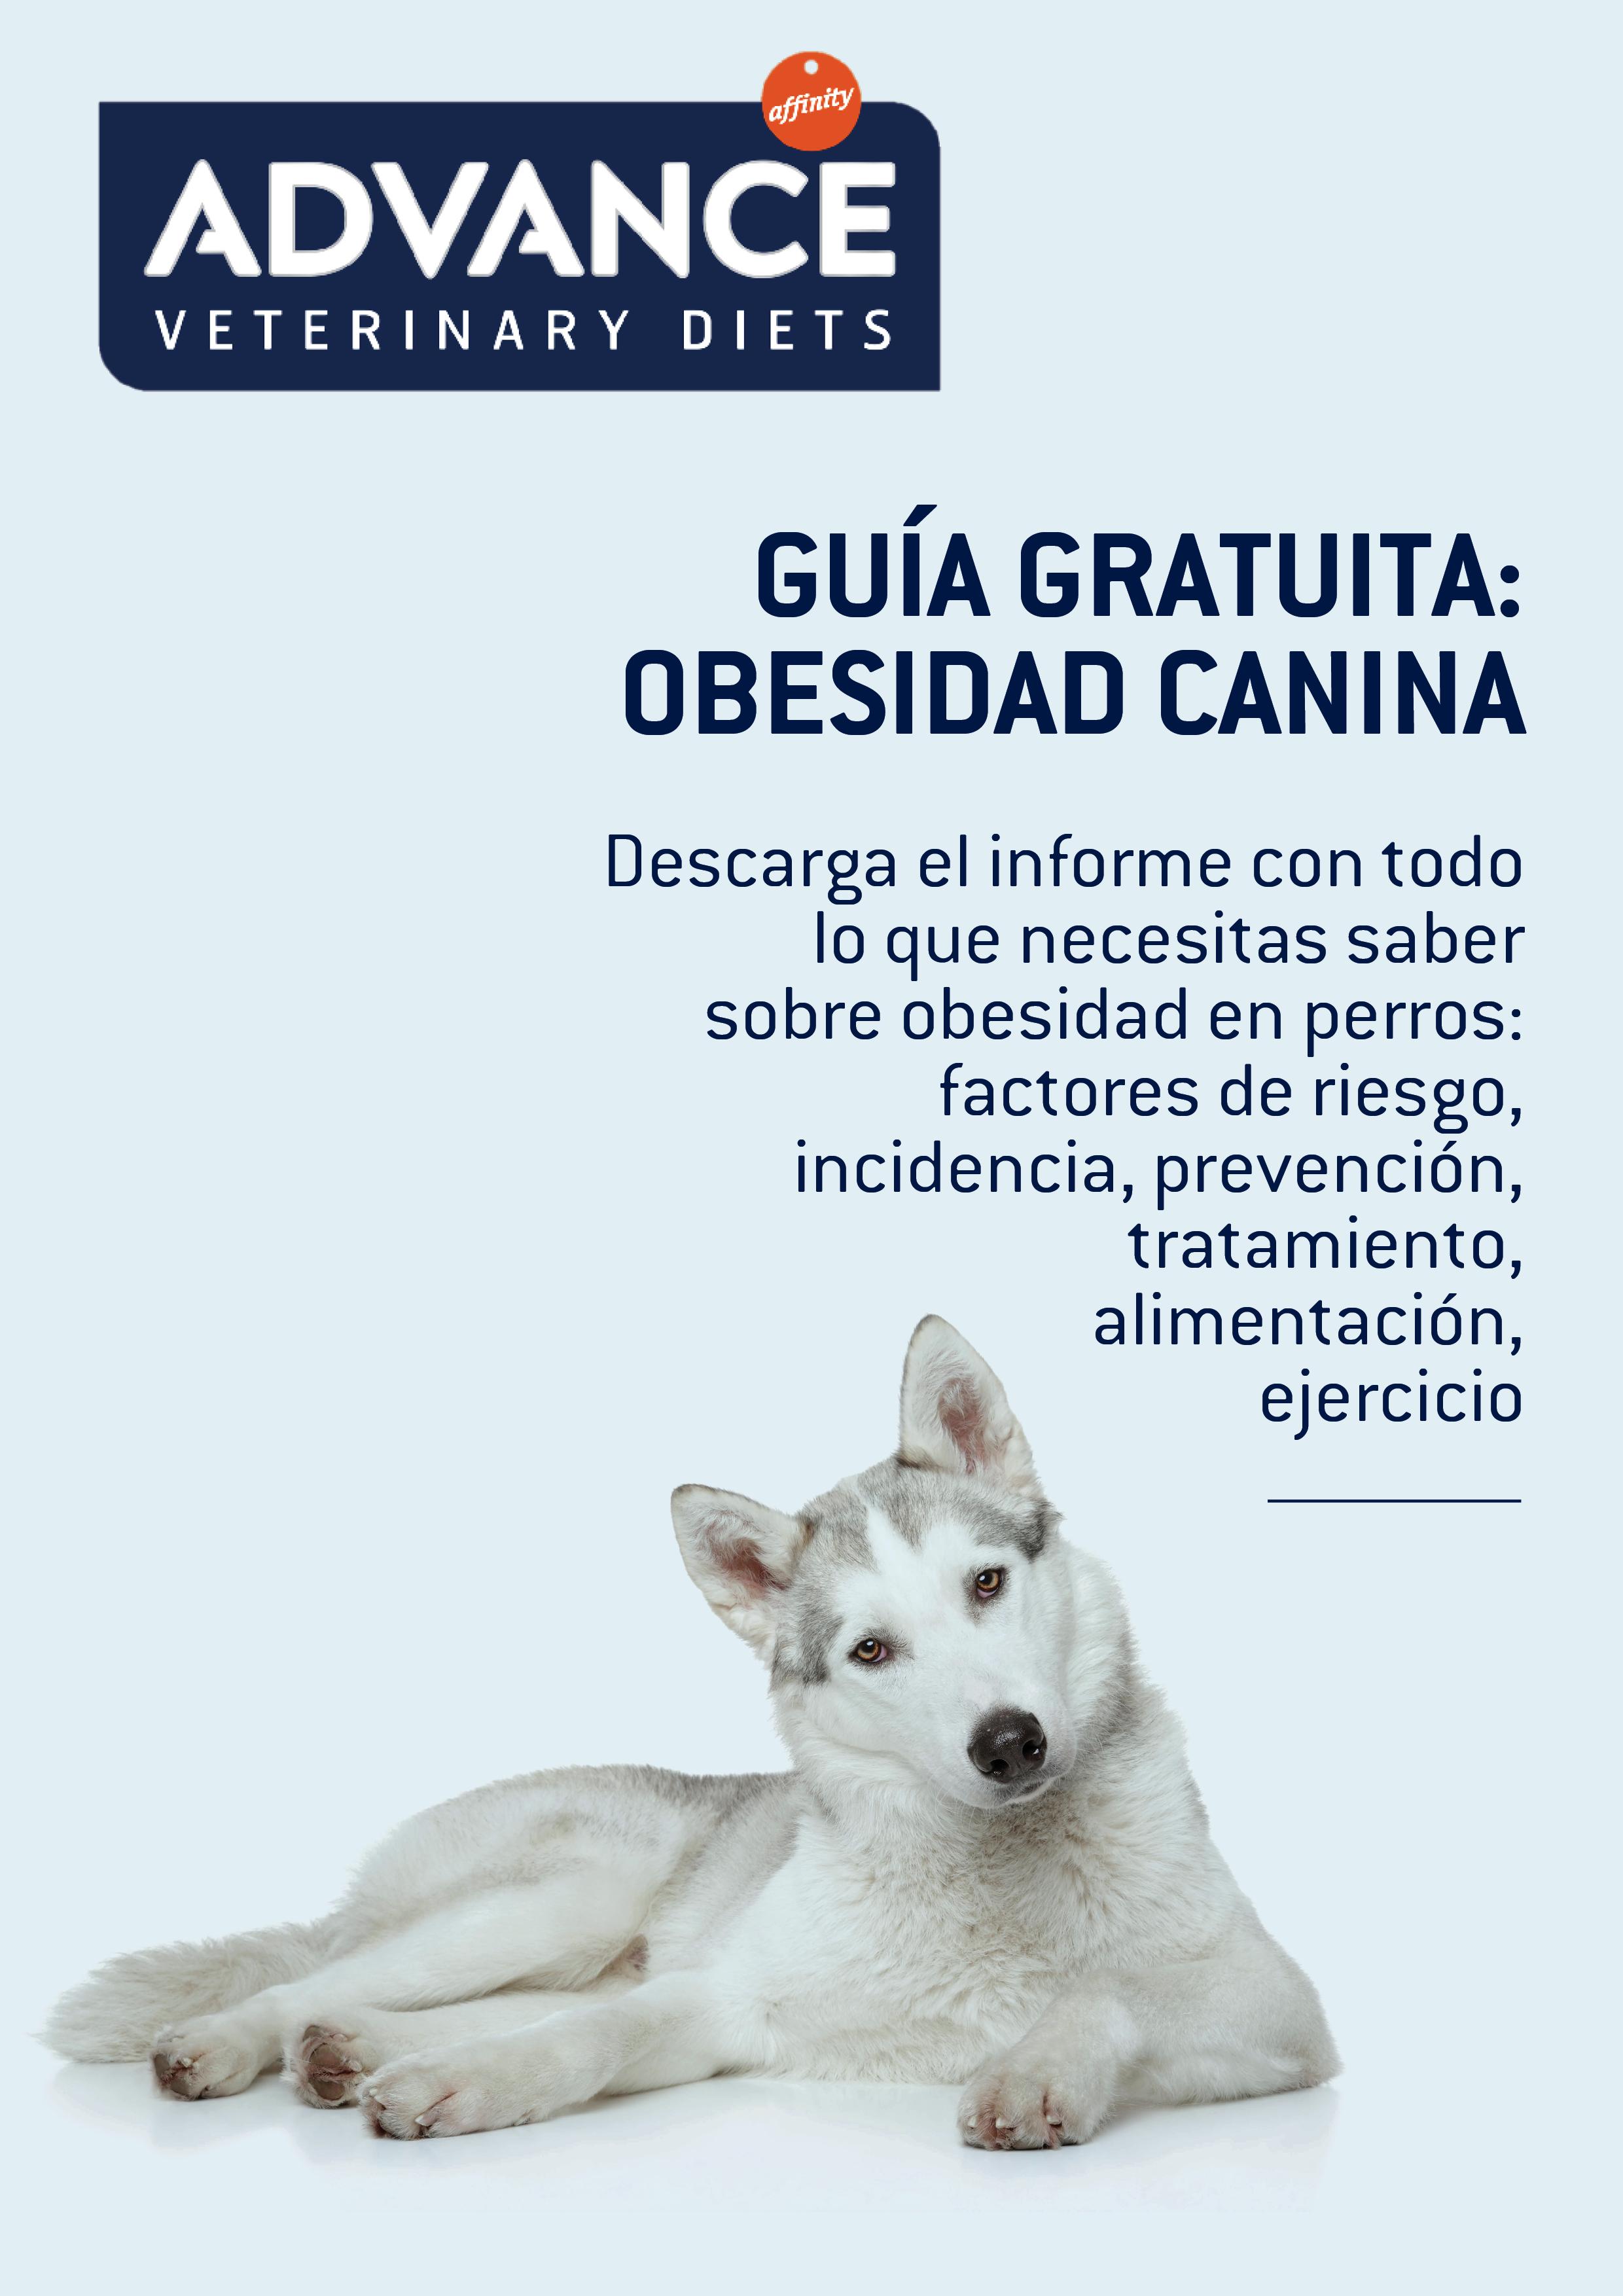 AFF - Miniatura RR Obesidad Canina.png